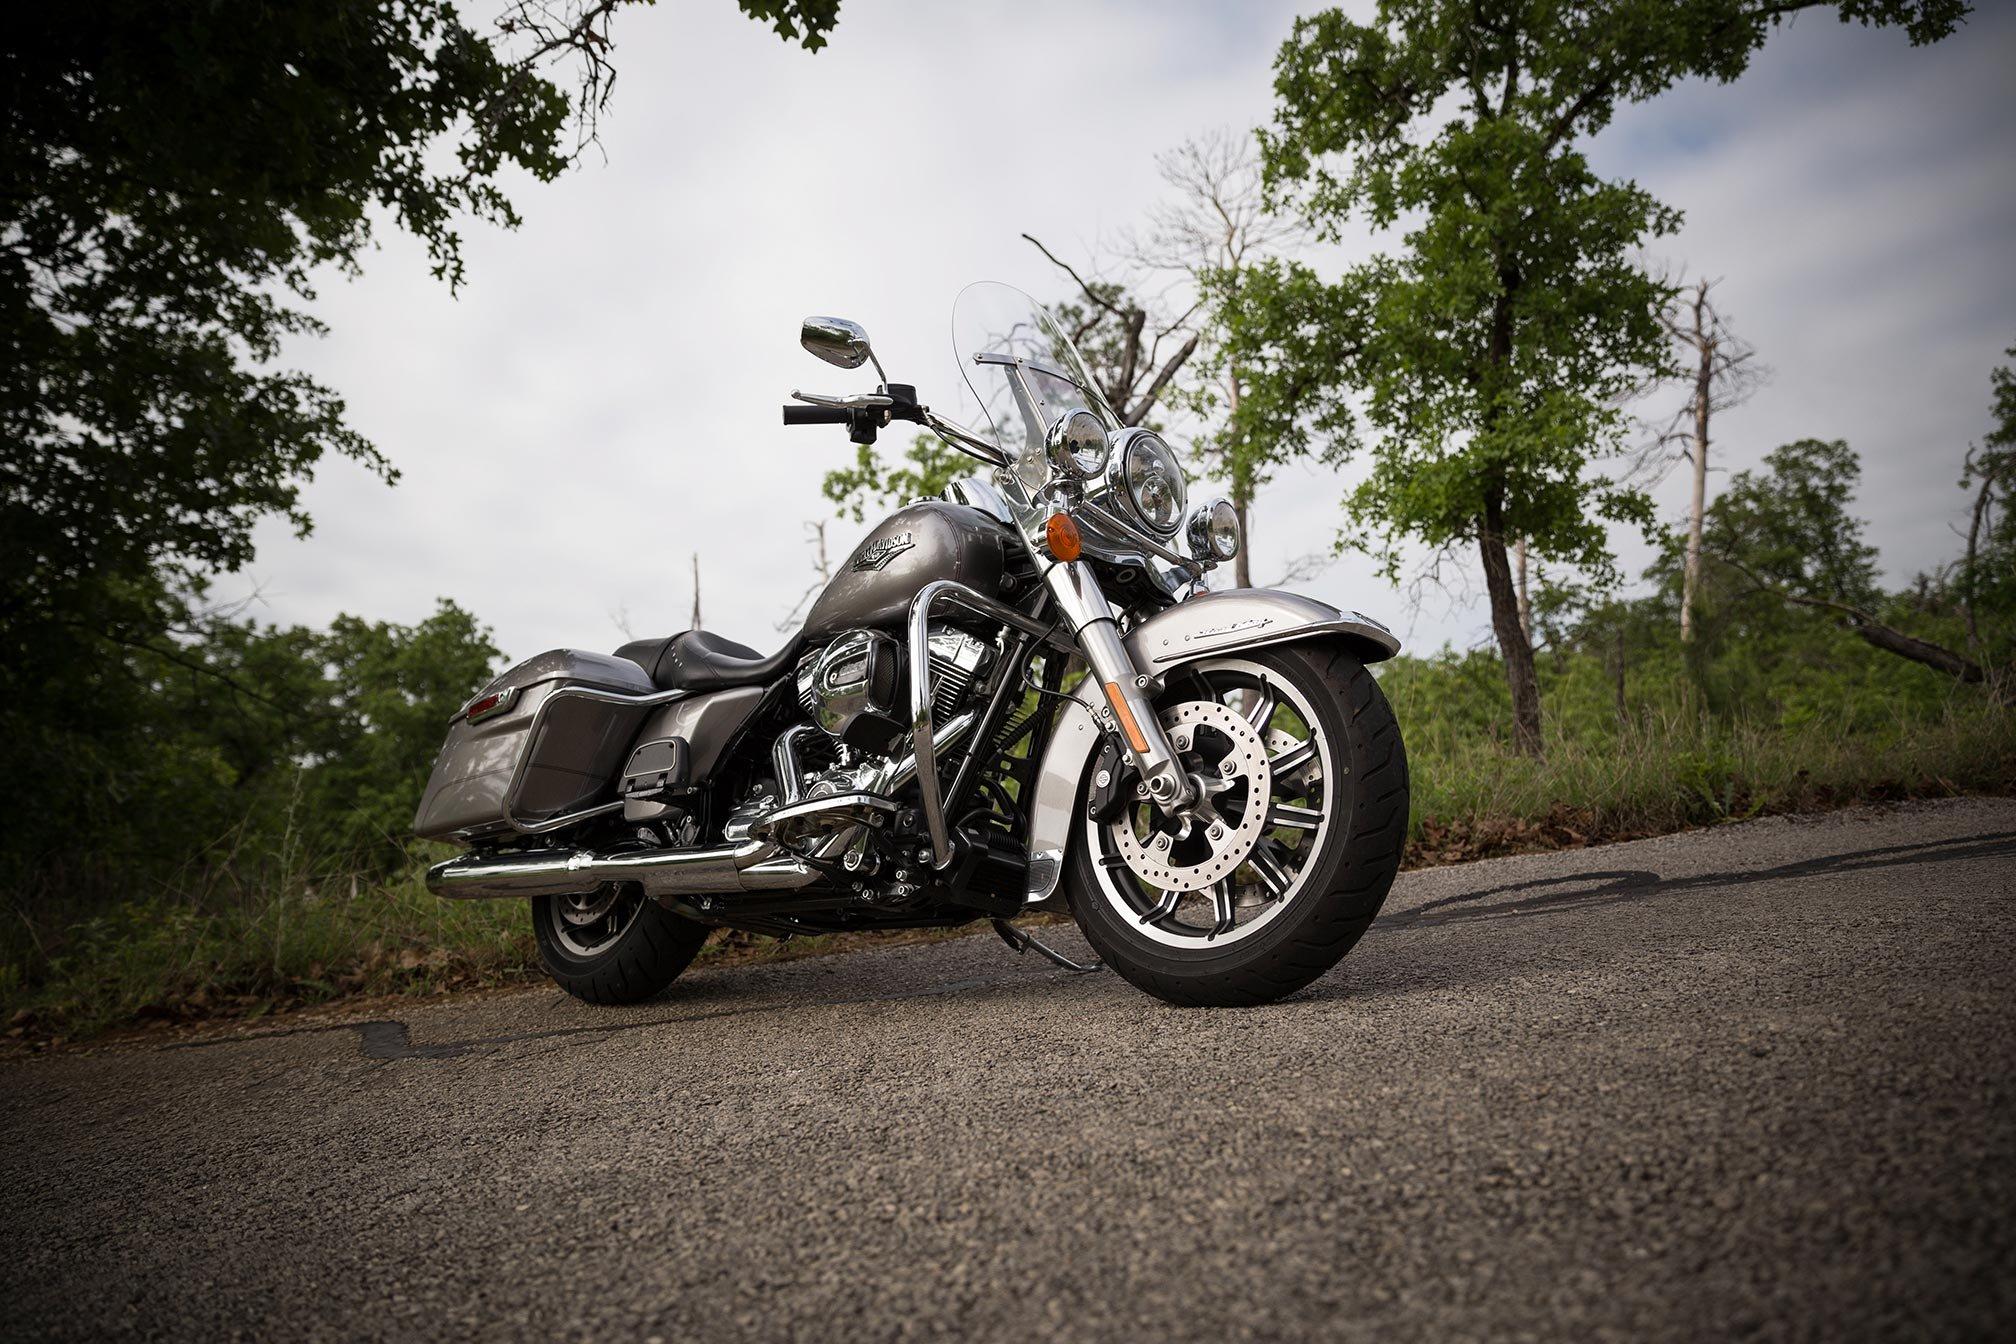 2016 Harley Davidson Touring Road King Motorbike Bike Motorcycle